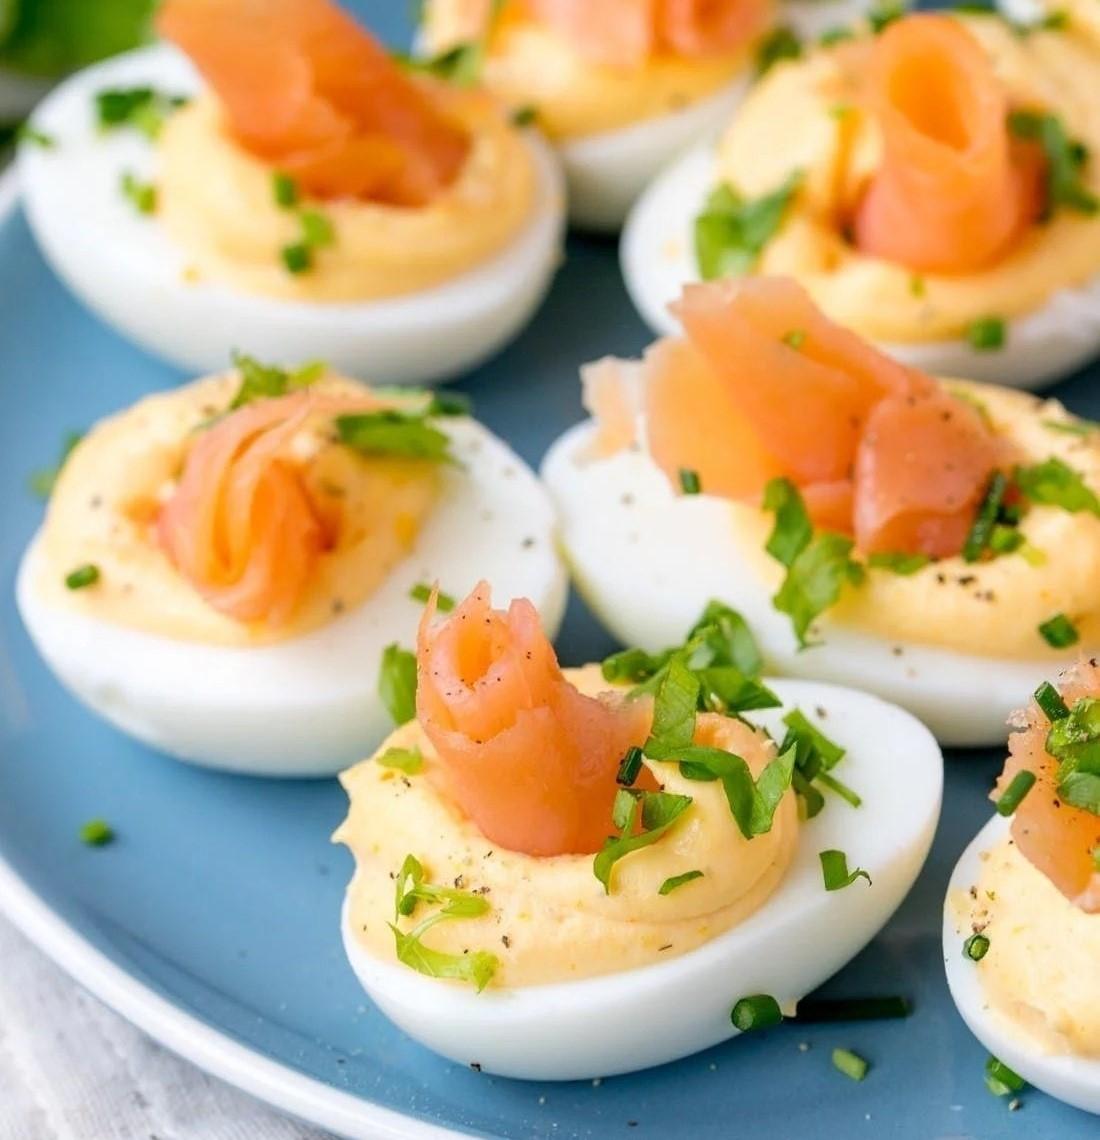 Devilled Eggs on World Egg Day